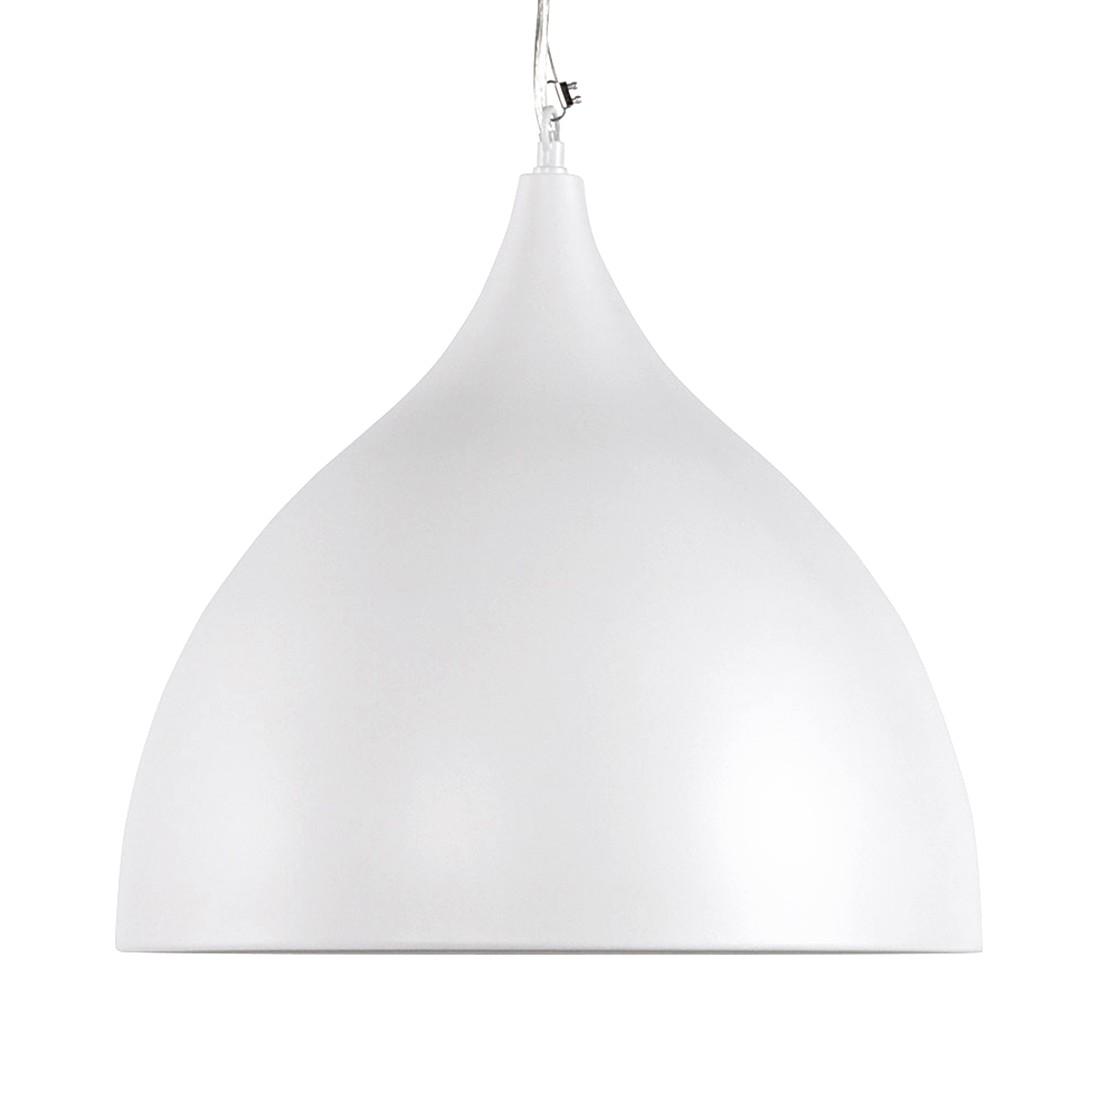 EEK A++, Pendelleuchte Bell – Metall Weiß, Kokoon günstig